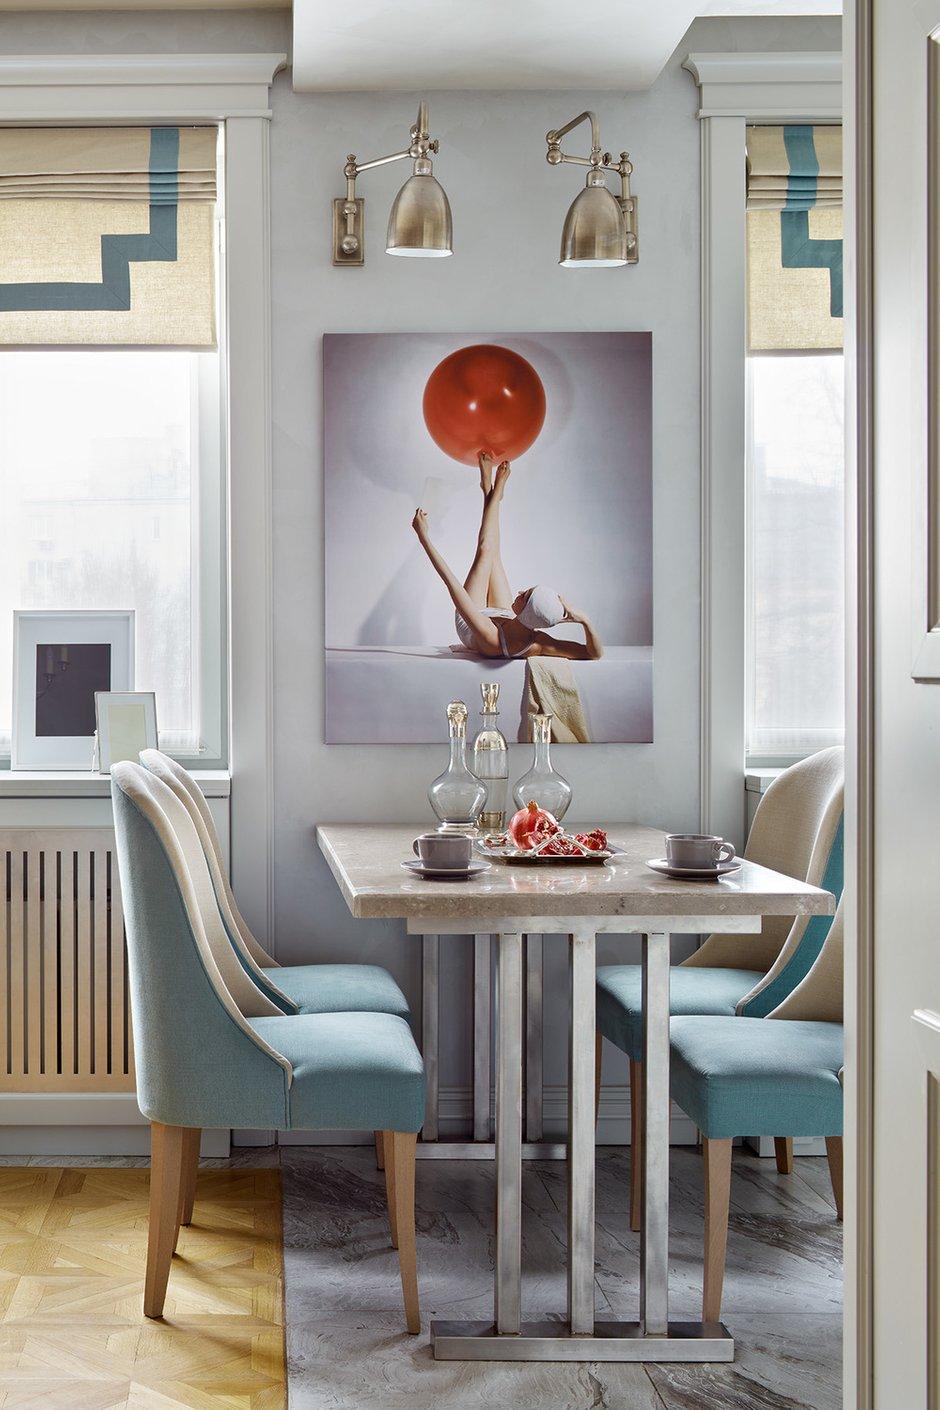 Фотография: Кухня и столовая в стиле Современный, Классический, Квартира, Проект недели, Москва, 3 комнаты, 60-90 метров, Варвара Шабельникова – фото на INMYROOM